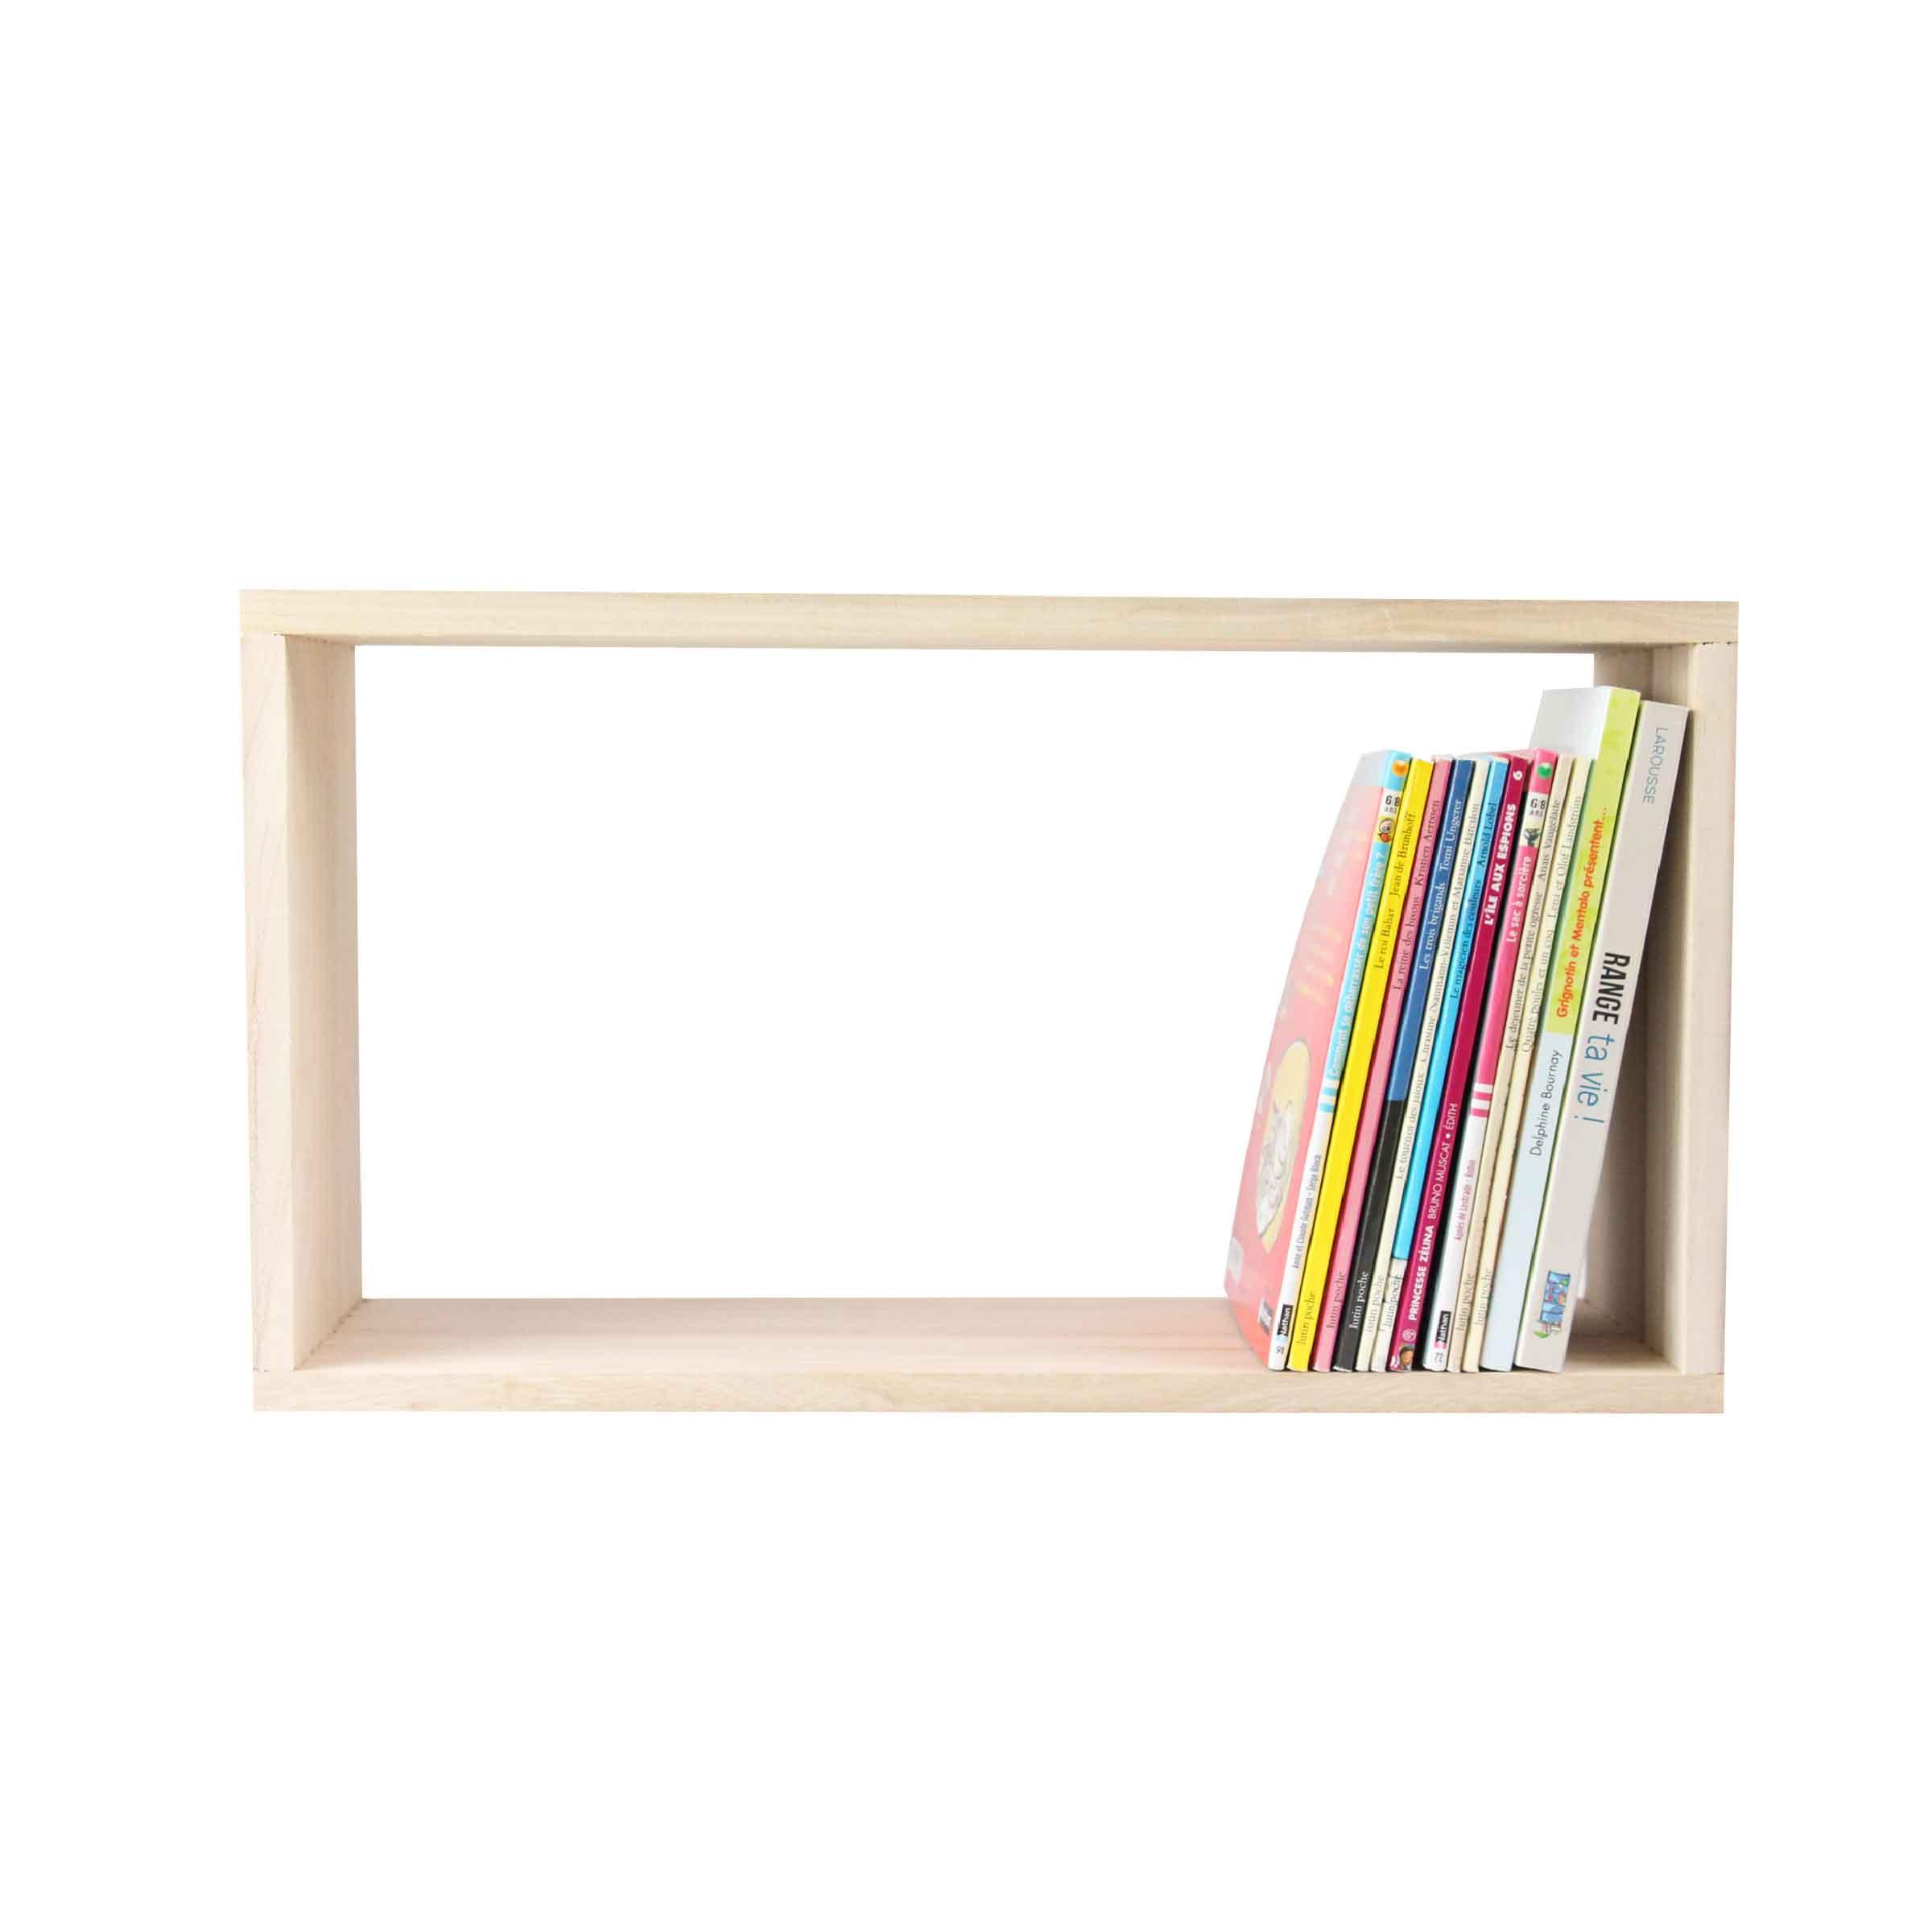 Petit mobilier de rangement rectangulaire mural en bois clair taille S